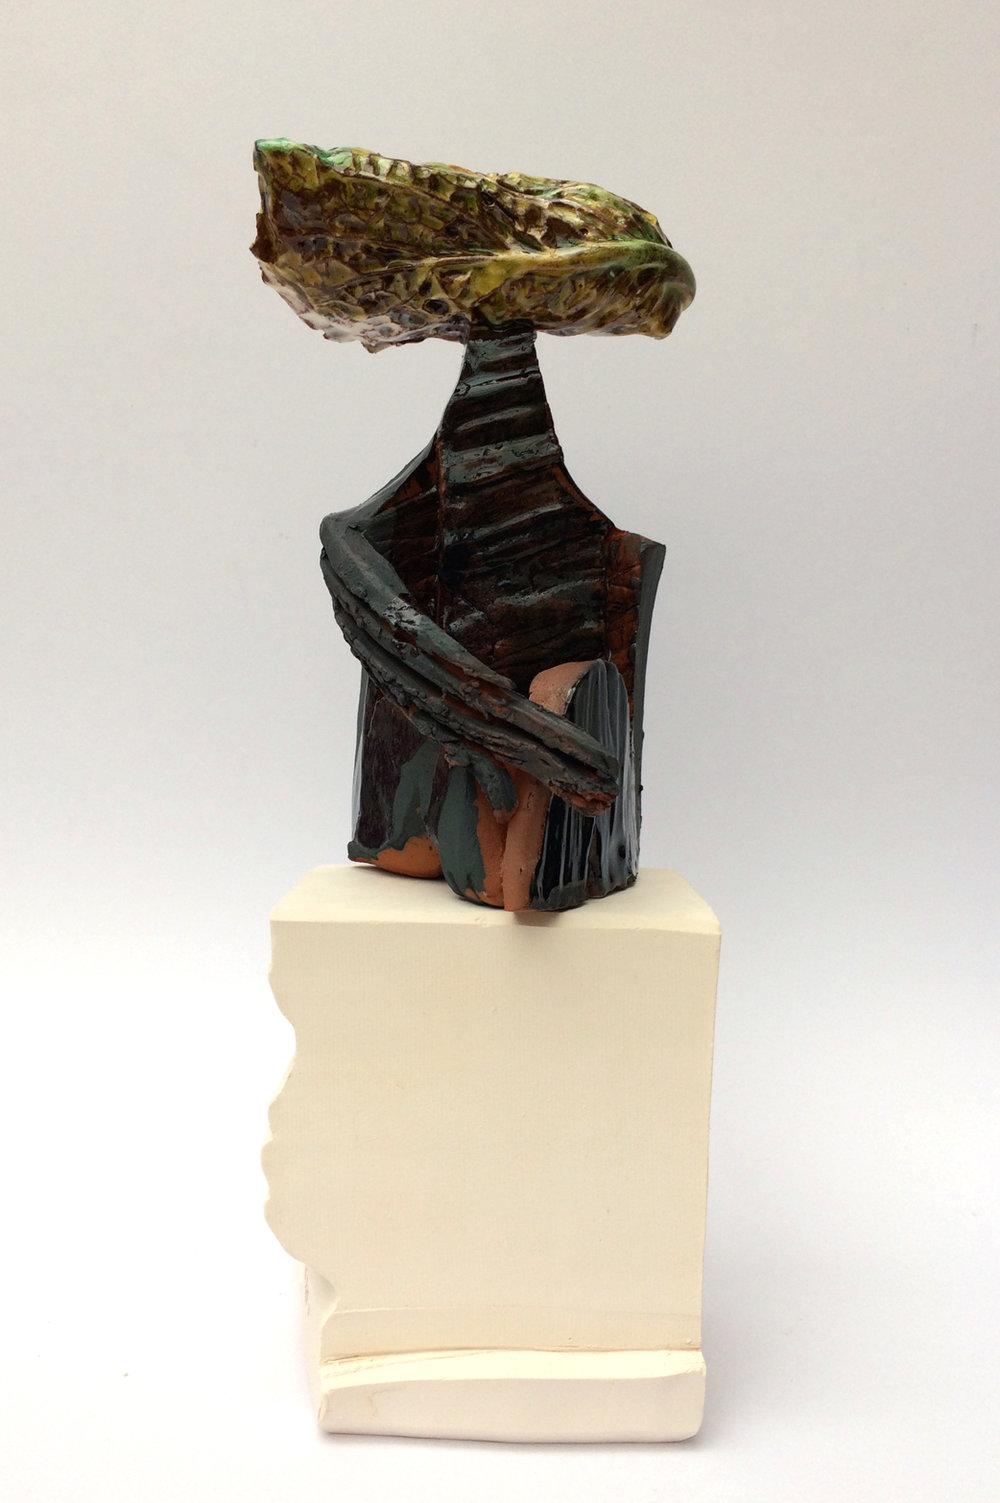 L'homme à la tête de choux - H 15cm x W 10cm